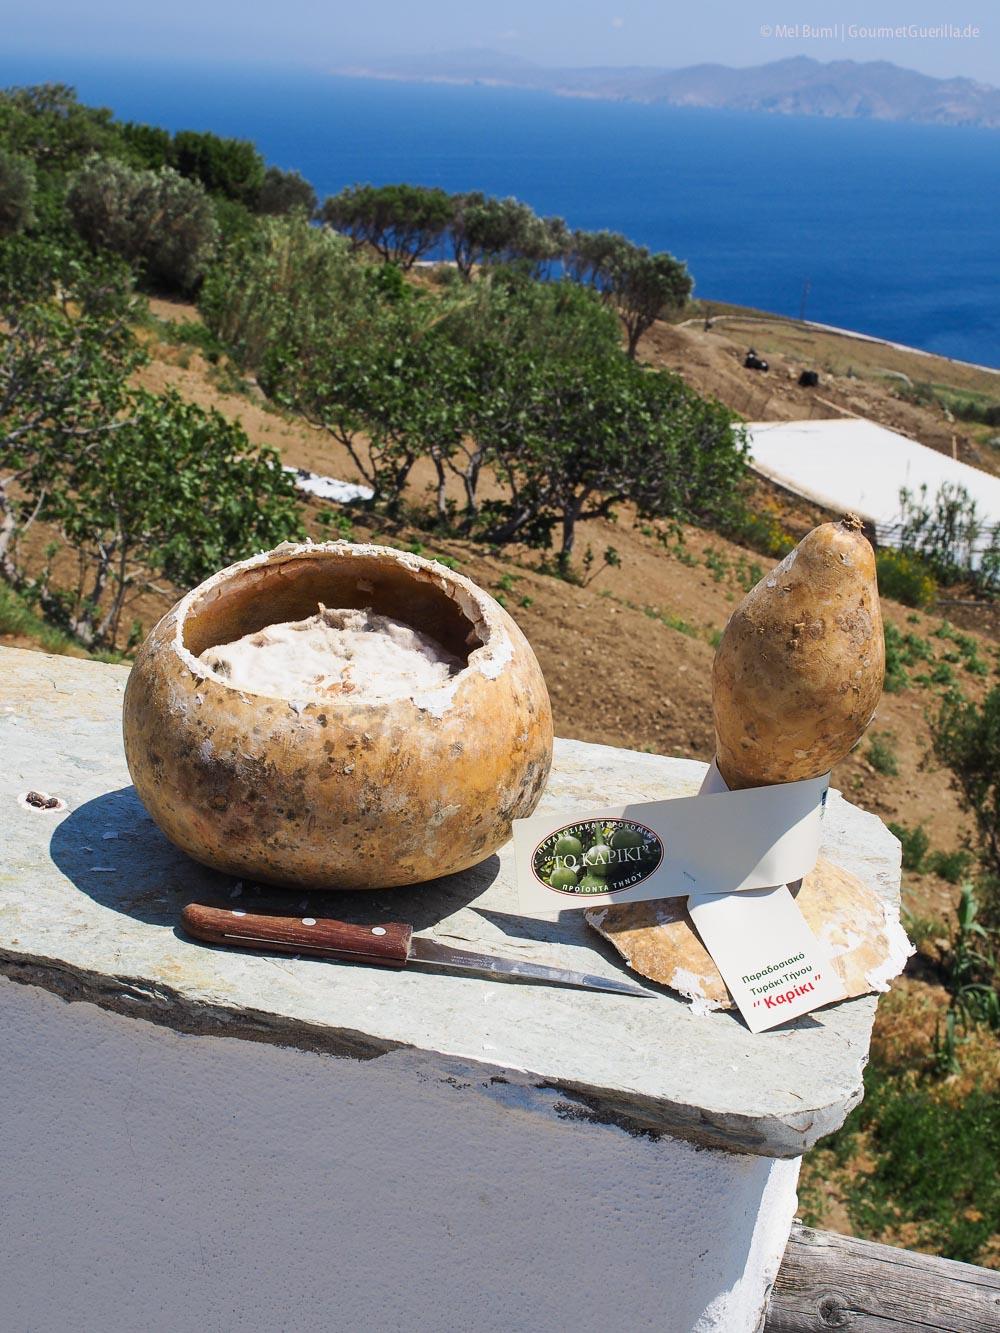 Kapiki Reisebericht Tinos Foodpath griechische Insel Kykladen Griechenland |GourmetGuerilla.de